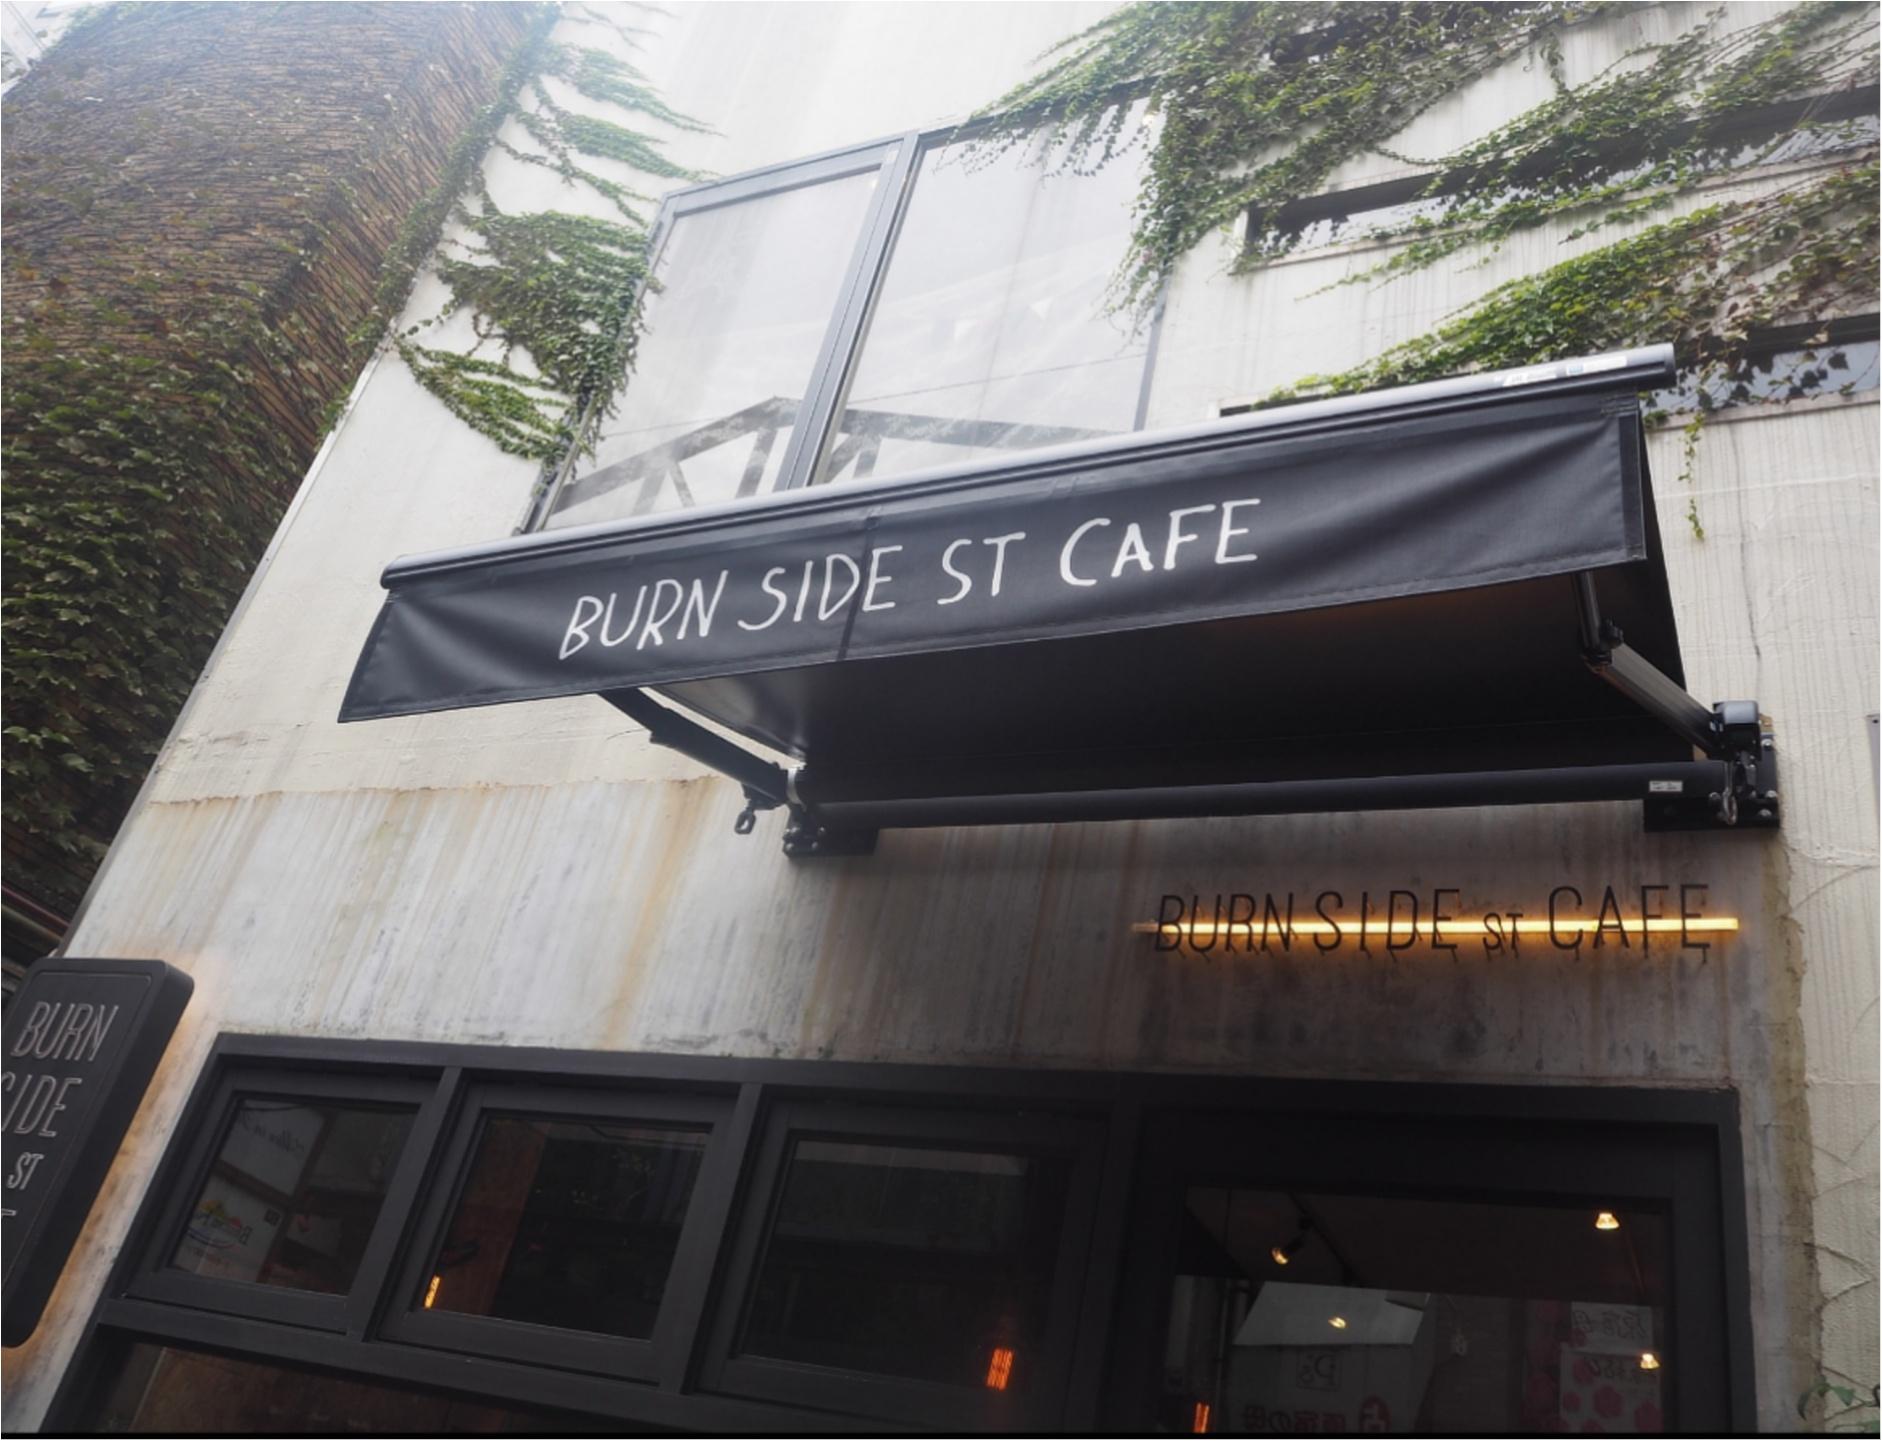 早く起きた朝は「burnsidestcafe (バーンサイドストリートカフェ)」でパンケーキがオススメ!_1